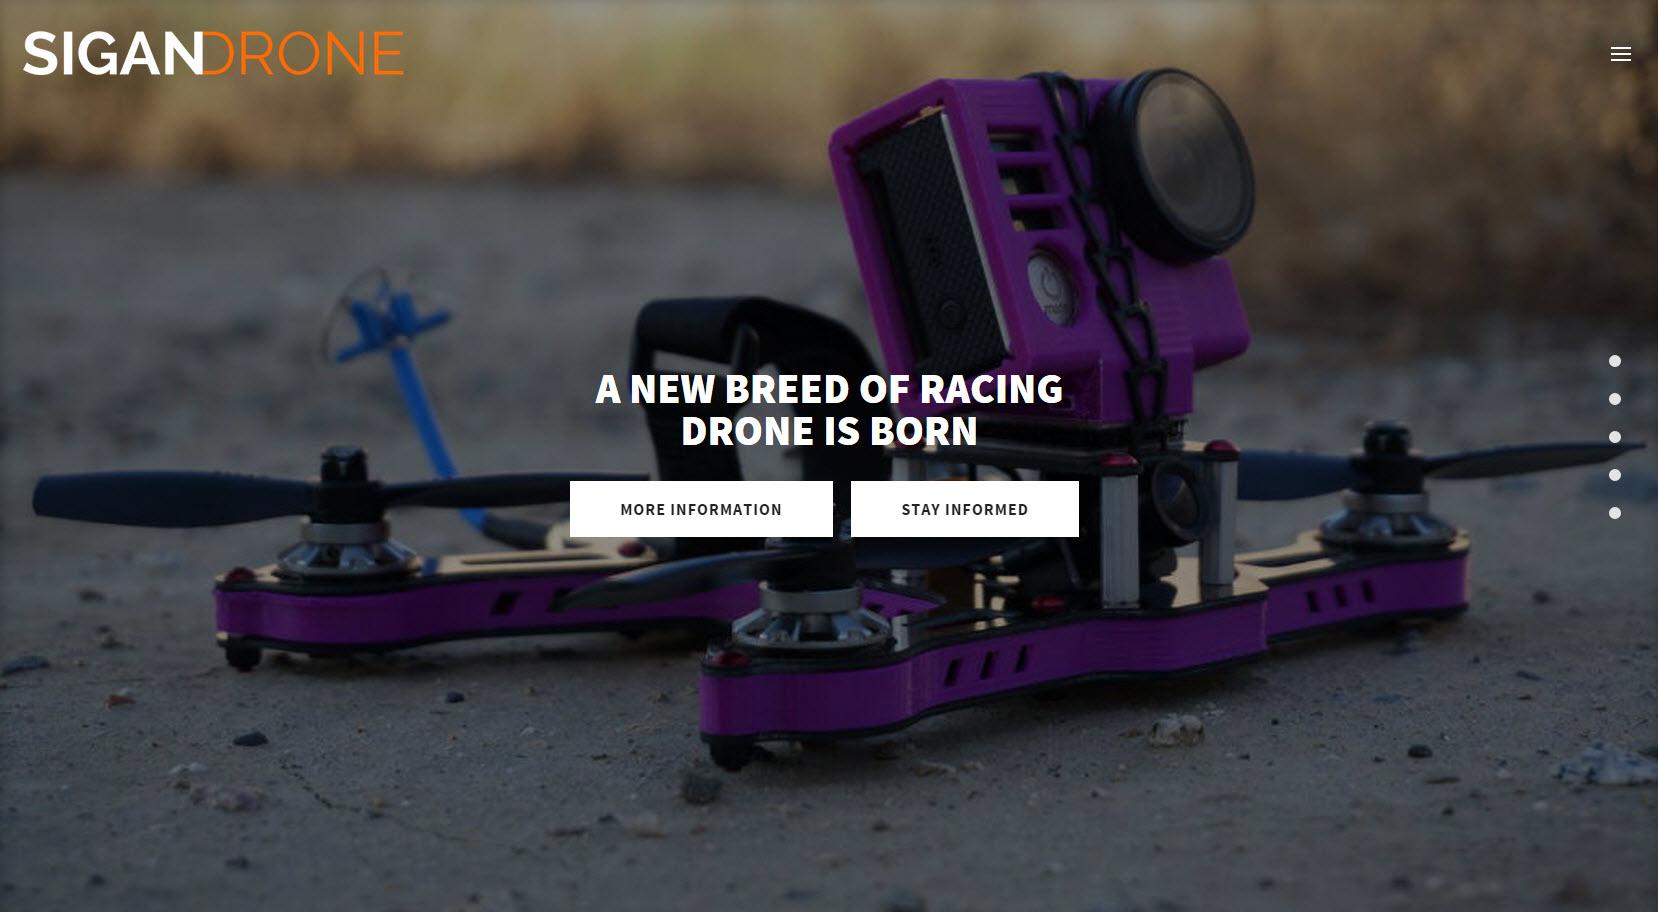 Sigan Drone